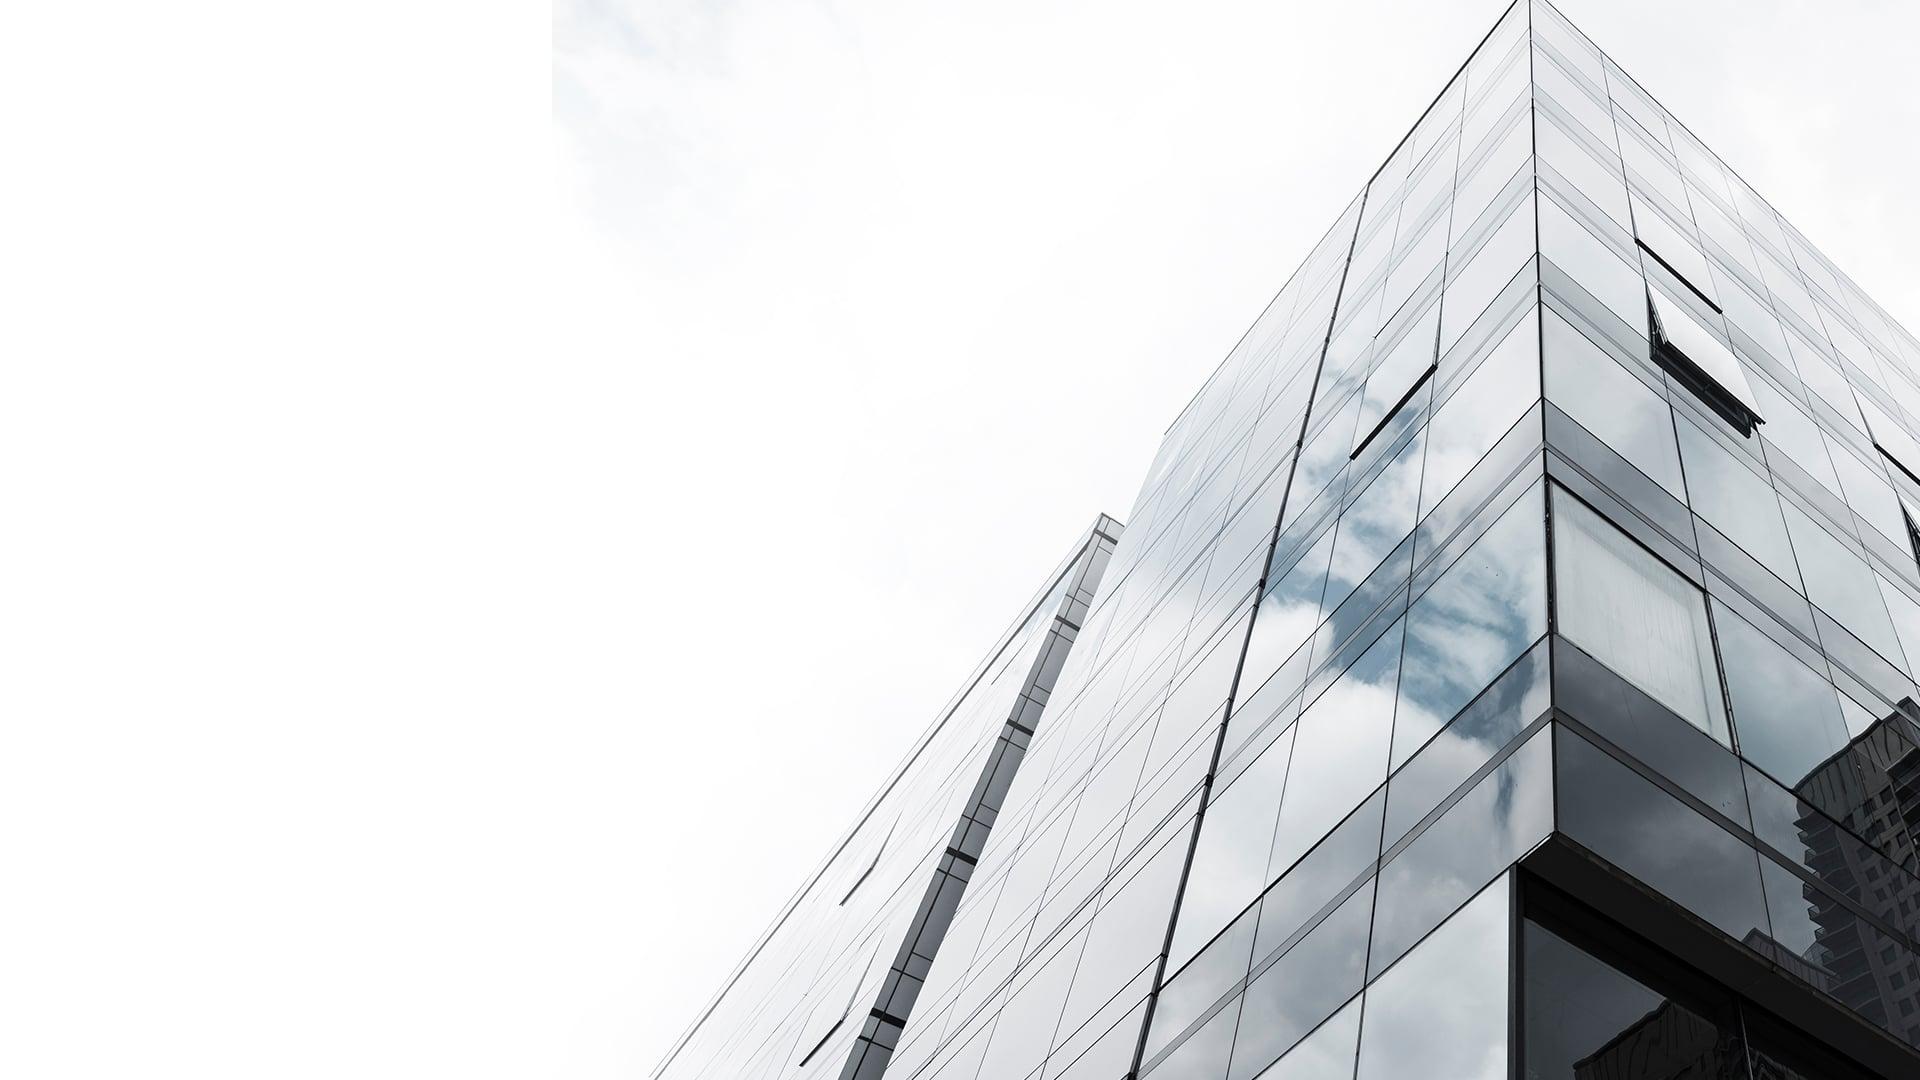 La inversión inmobiliaria post Covid, una apuesta de futuro